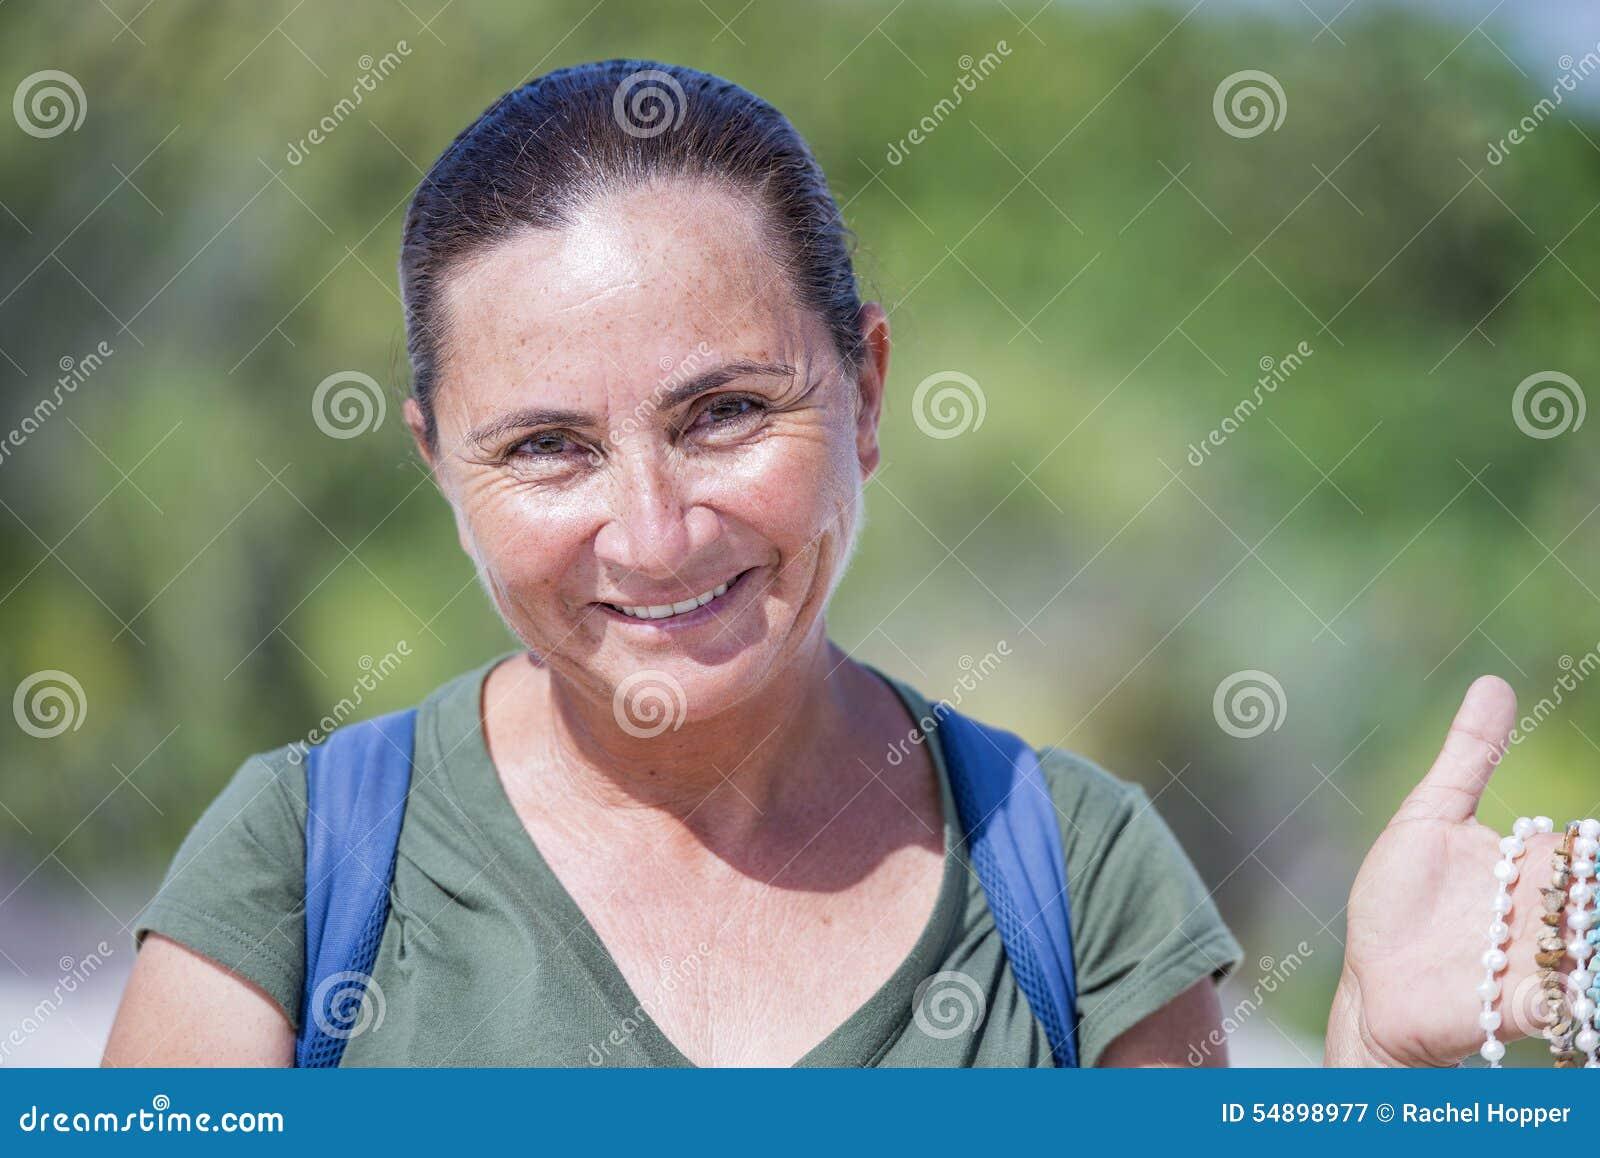 Фото красивая мексиканская девушка